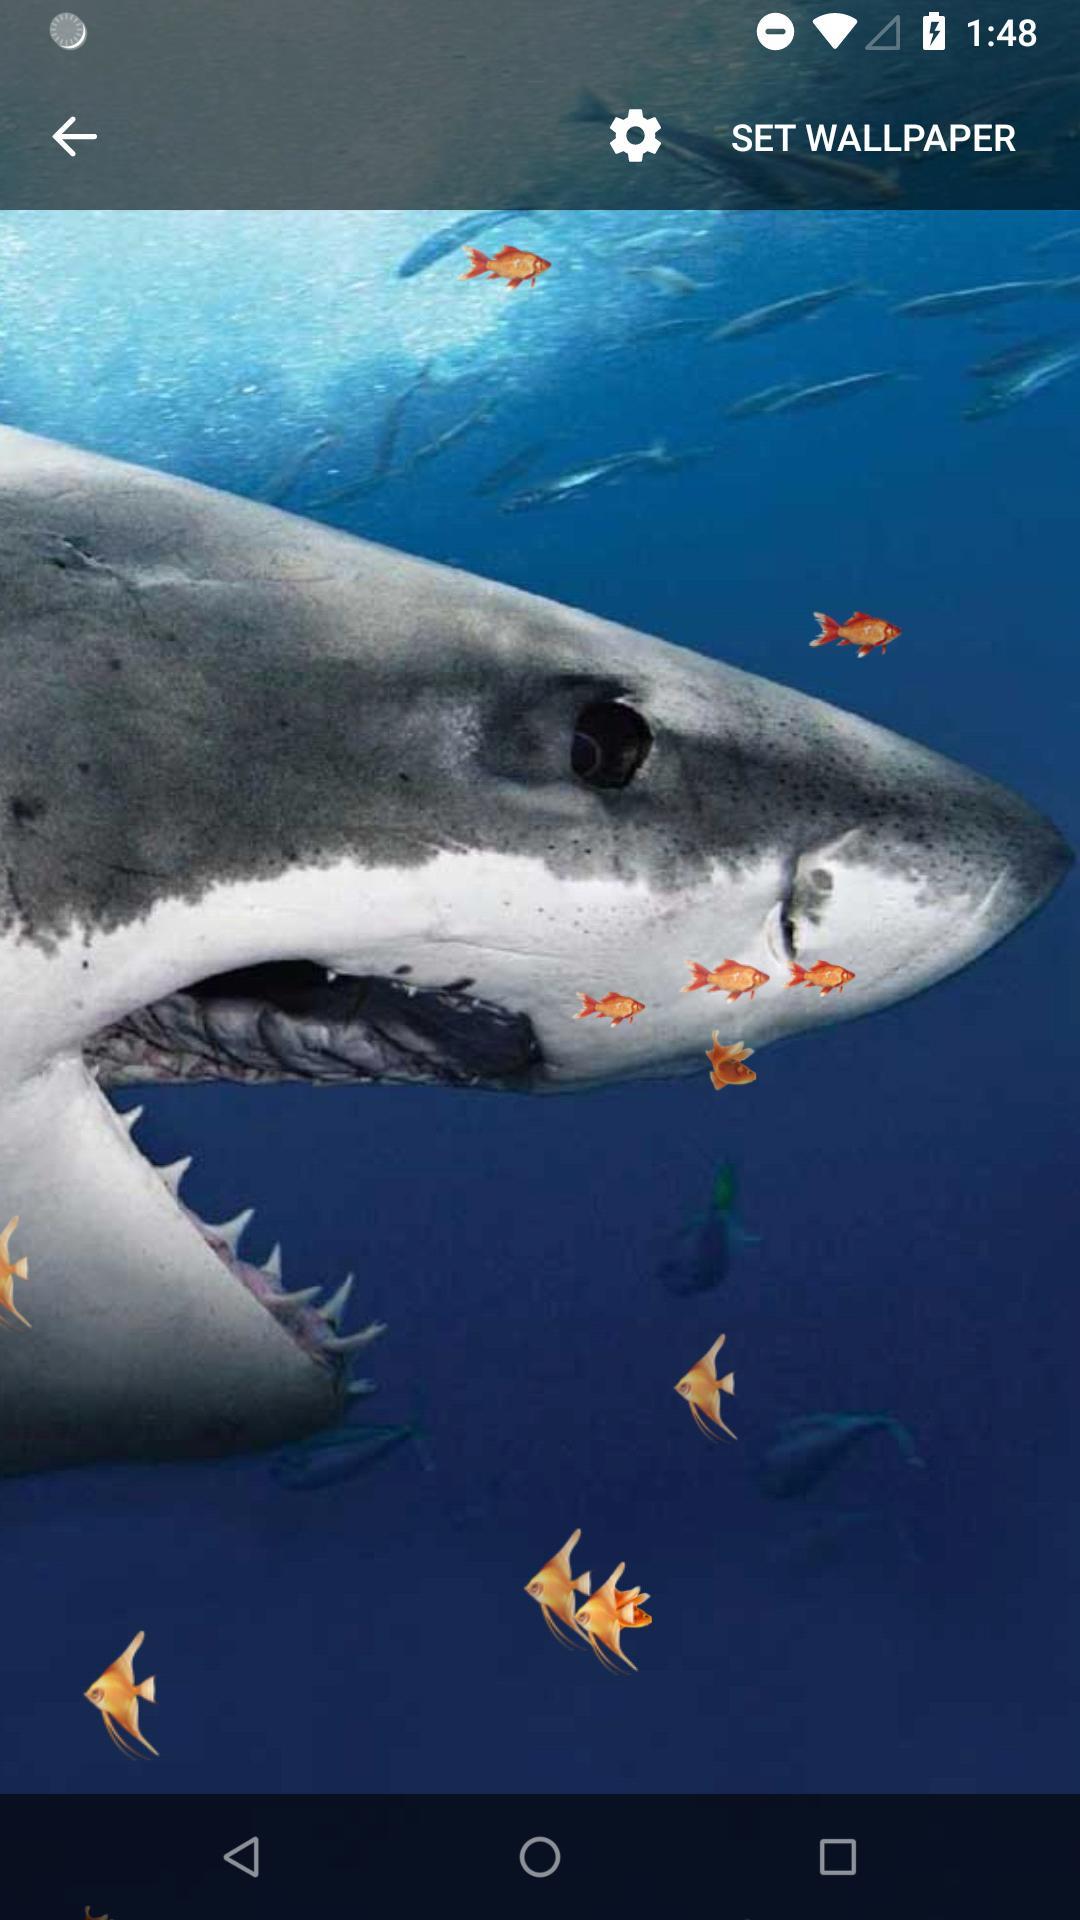 صوره خلفية القرش المتحرك لأجهزة الاندرويد والسامسونج